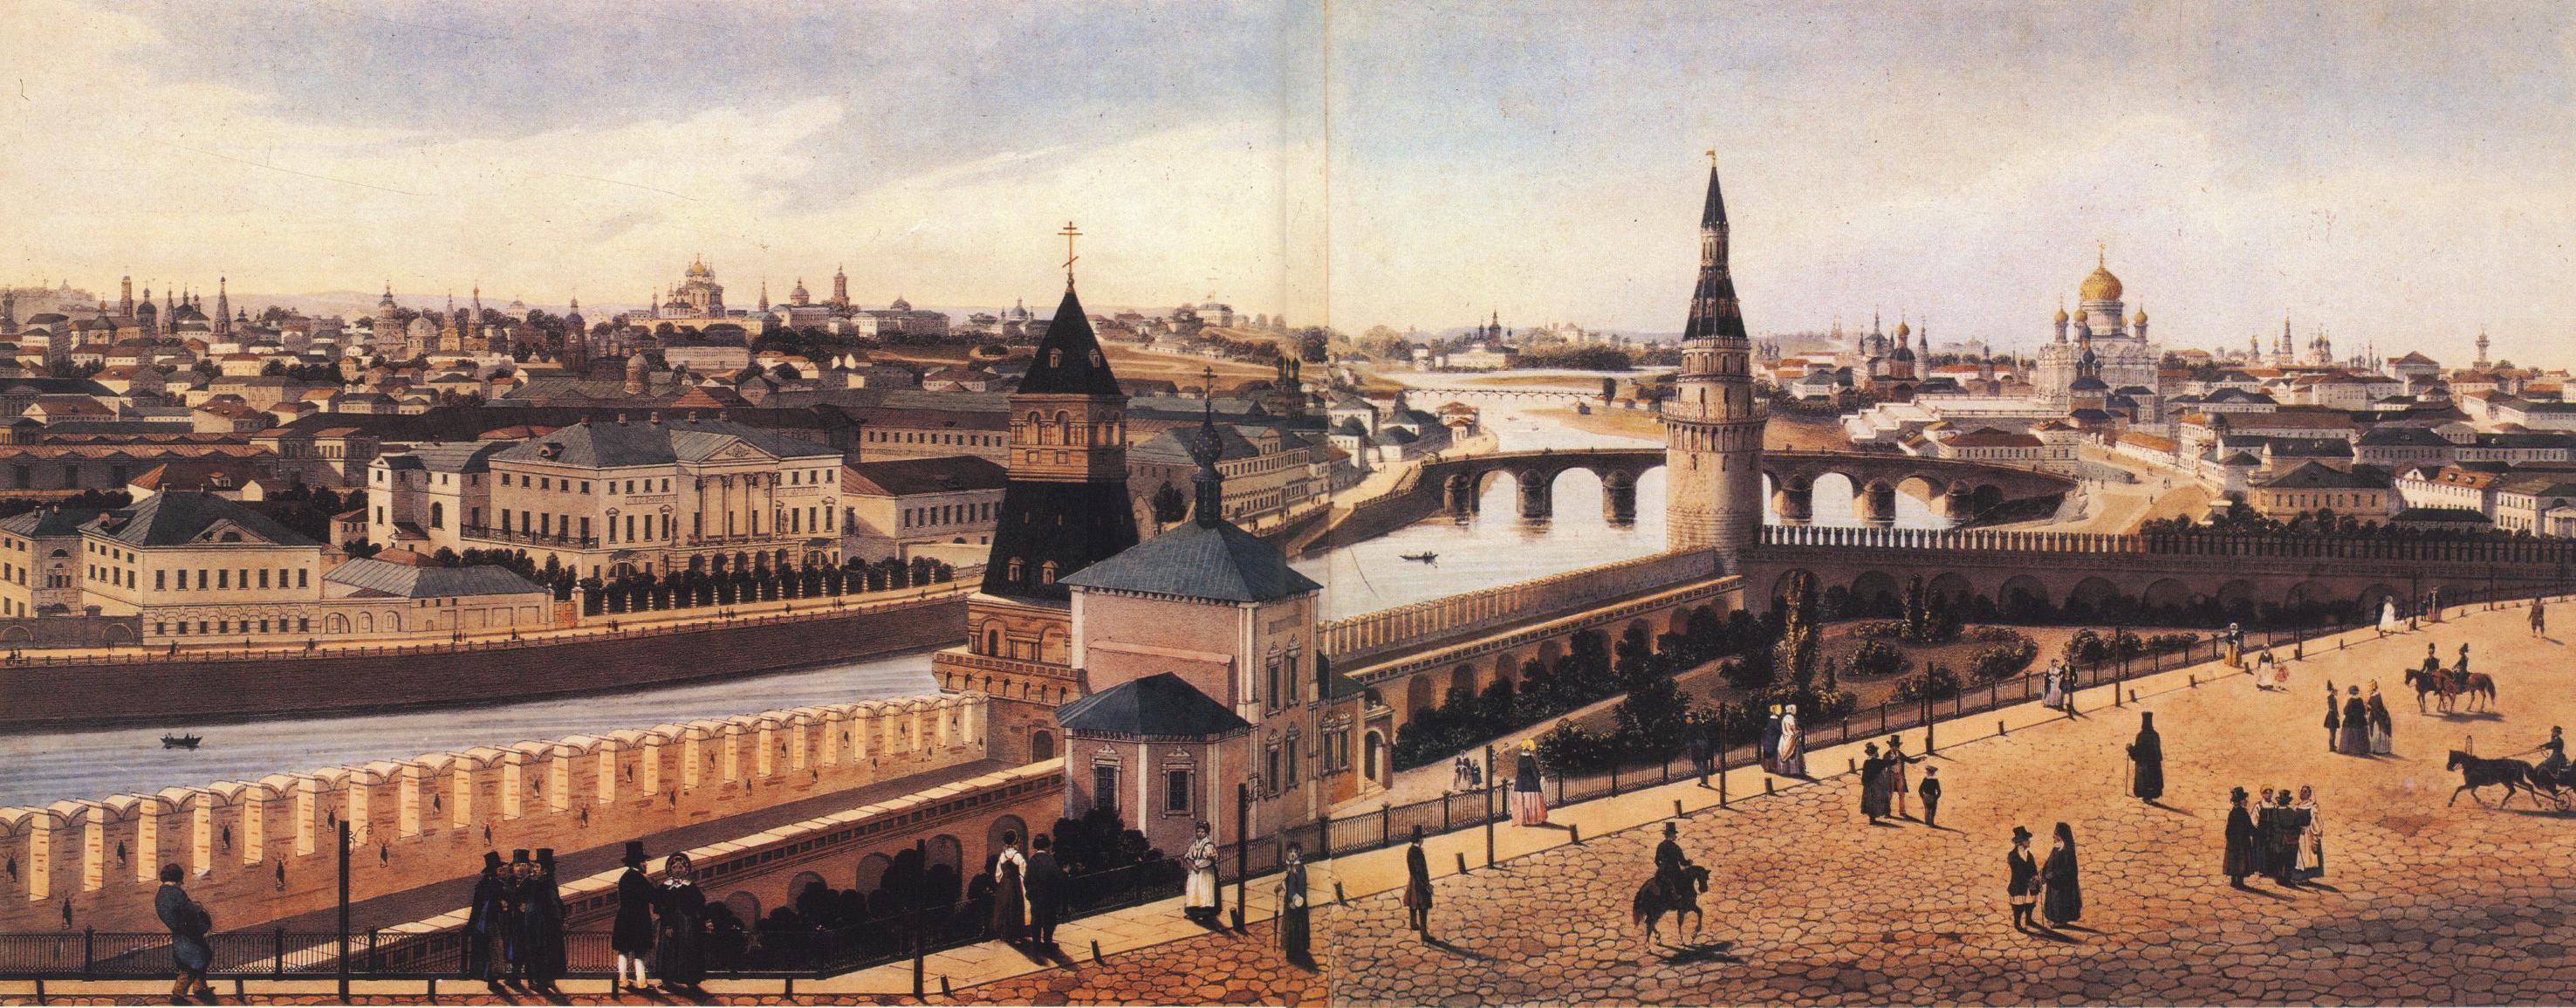 1850-е. Панорама Кремля и Замоскворечья от Тайницкой башни2